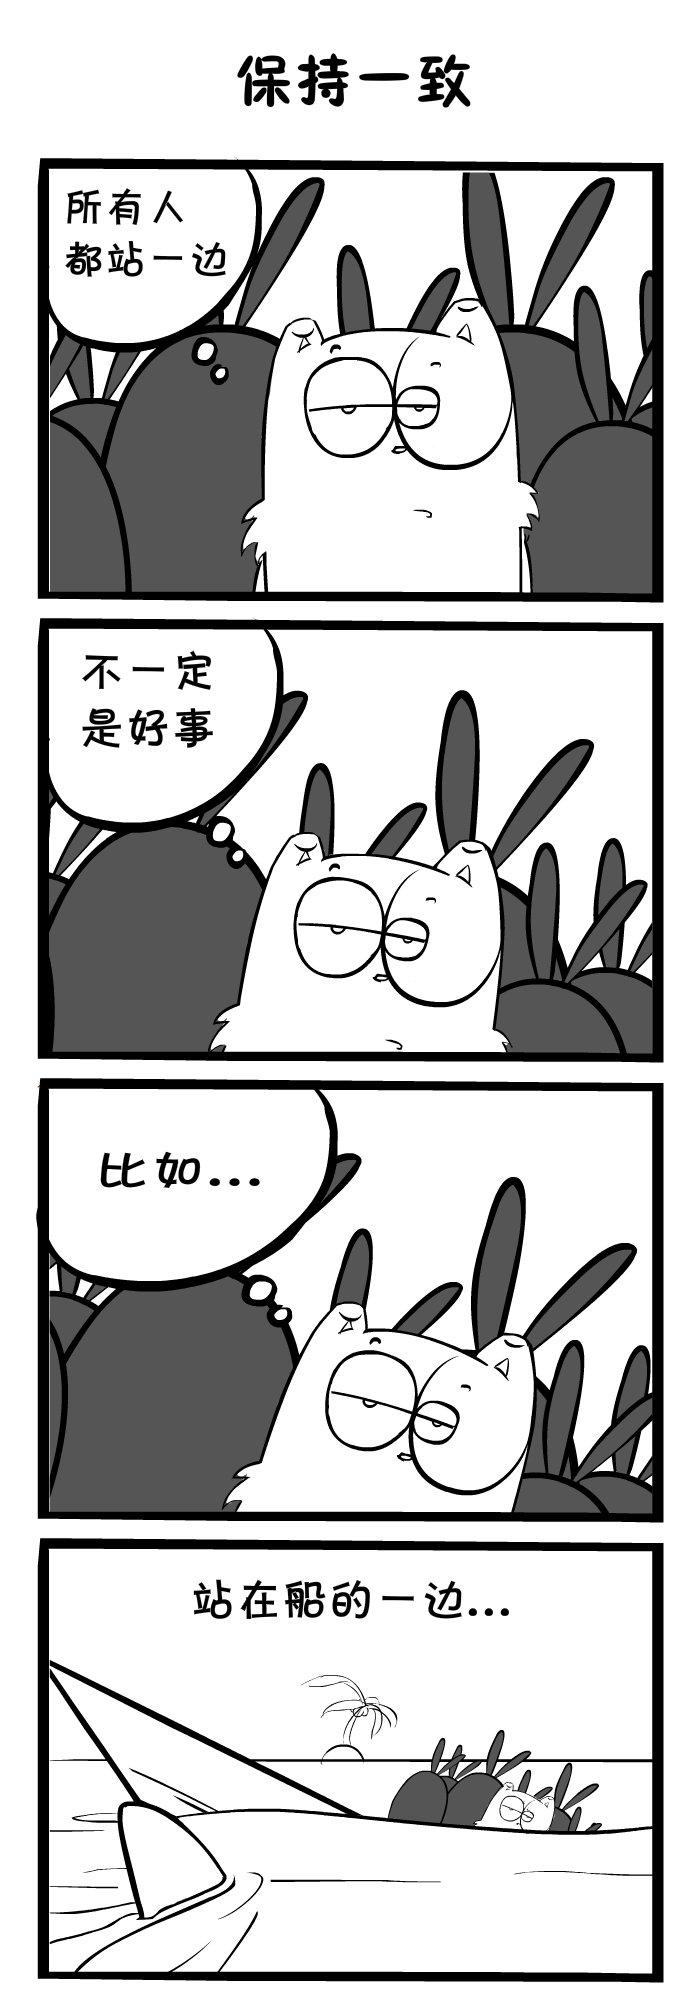 【漫画更新】【明卡猫】,cos 图片